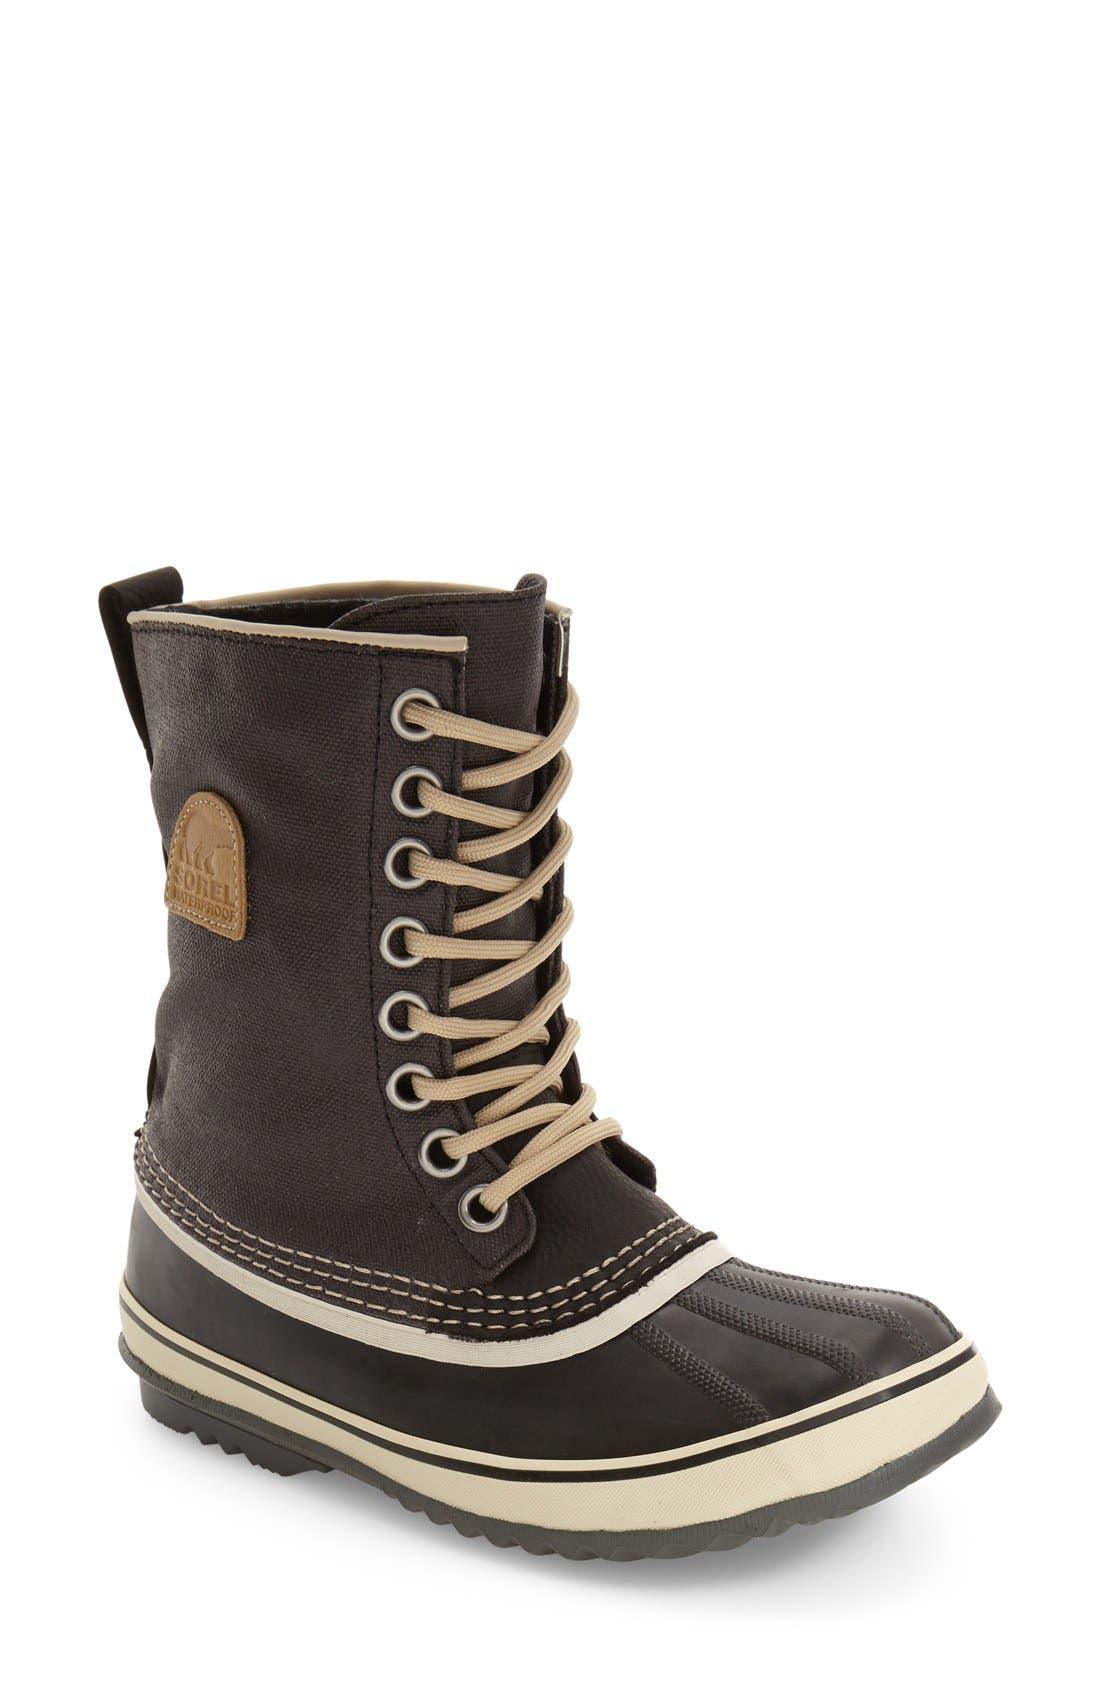 Main Image - SOREL '1964 Premium' Waterproof Boot (Women)